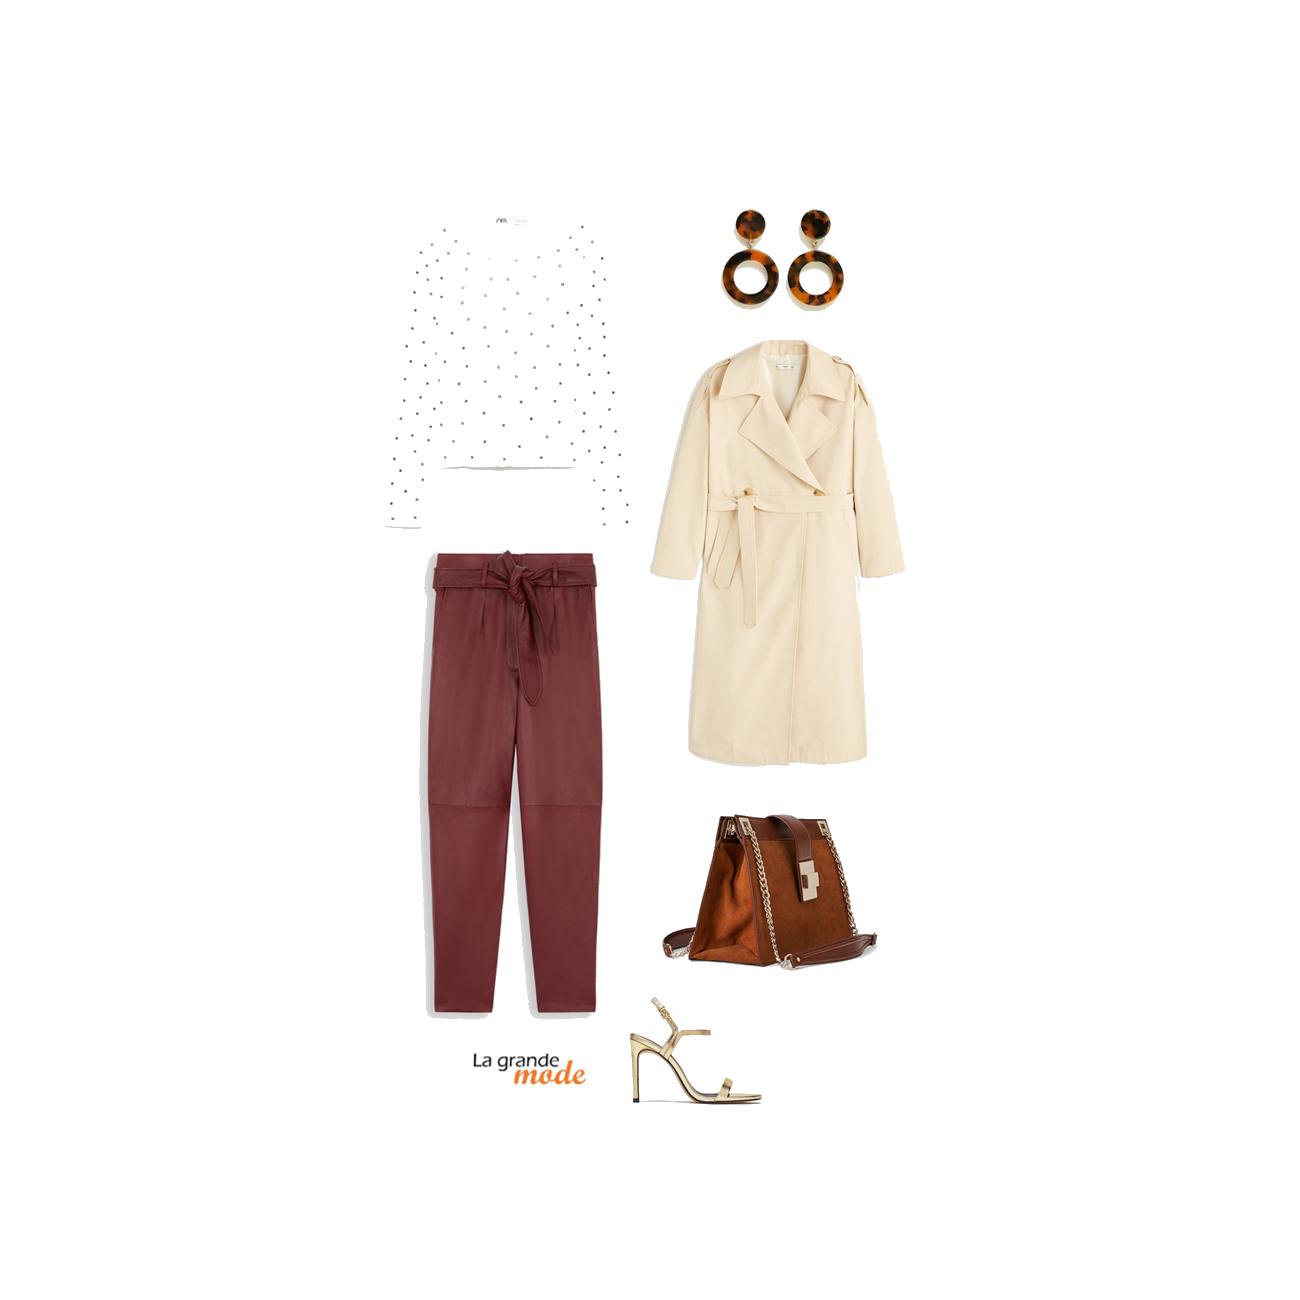 La Grande Mode - Idée look avec un trench et un pantalon en cuir - Tendance mode printemps été 2019 - SS2019